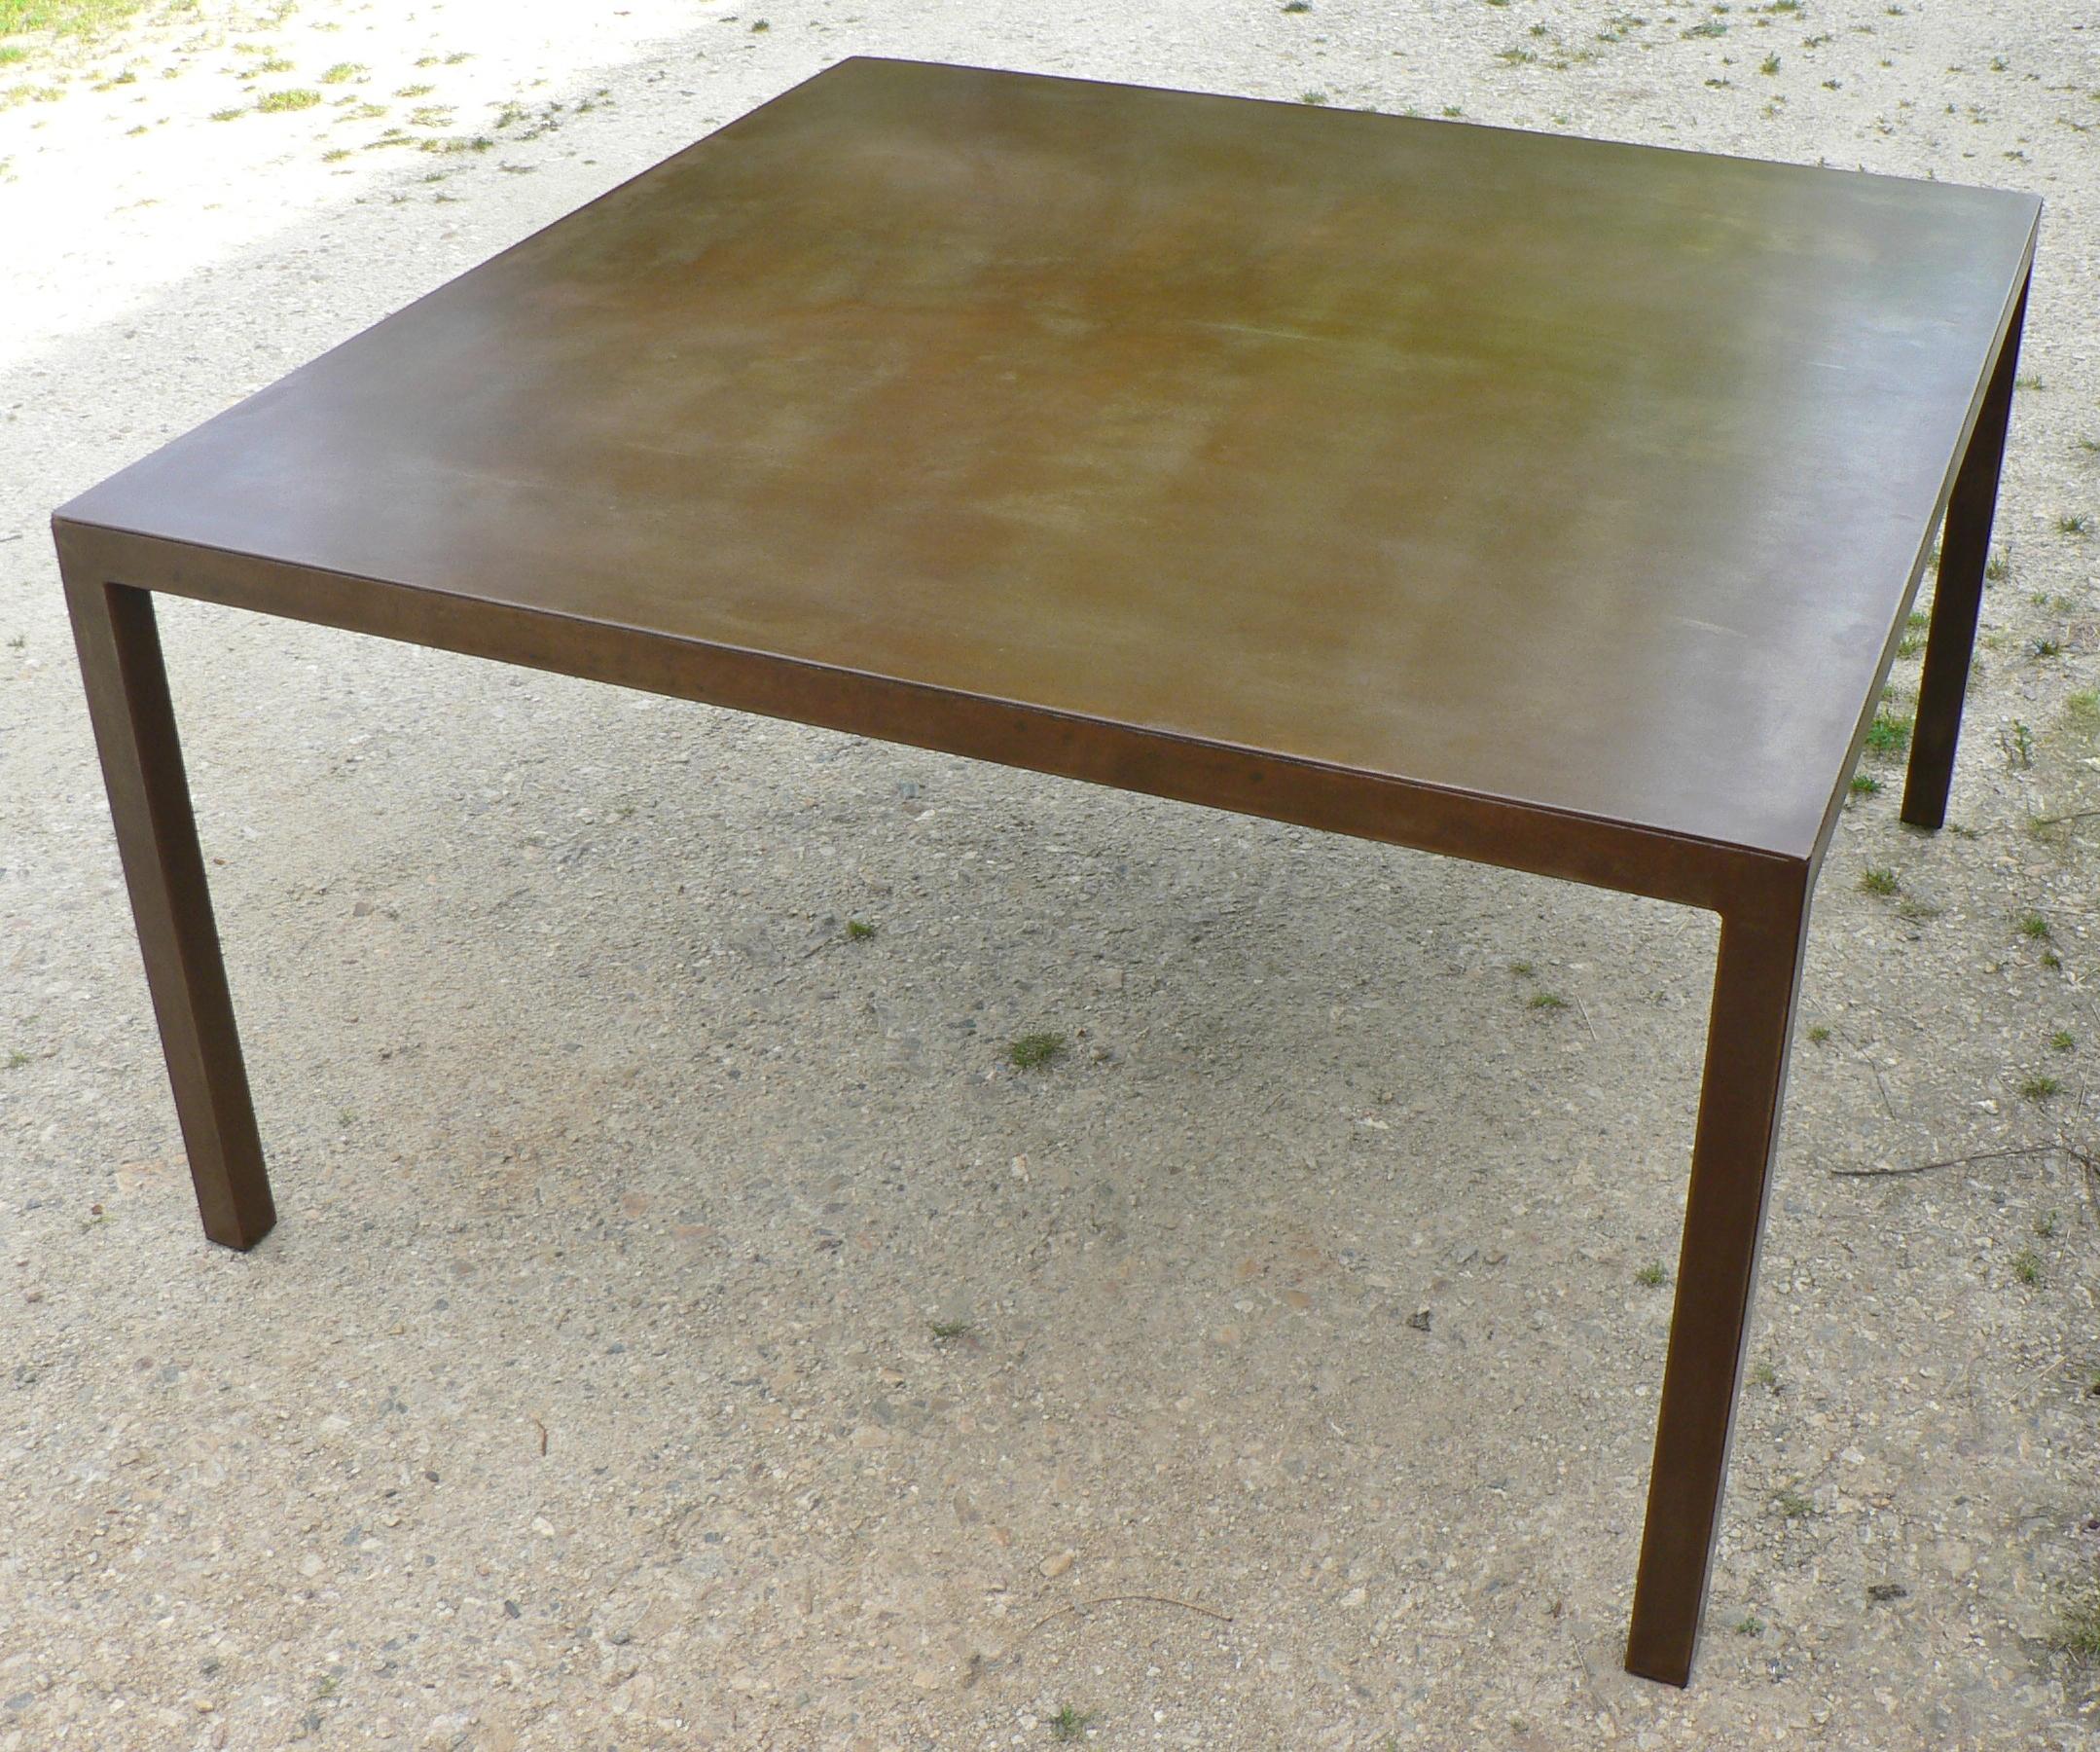 Vernis bois mat for Vernir un meuble peint